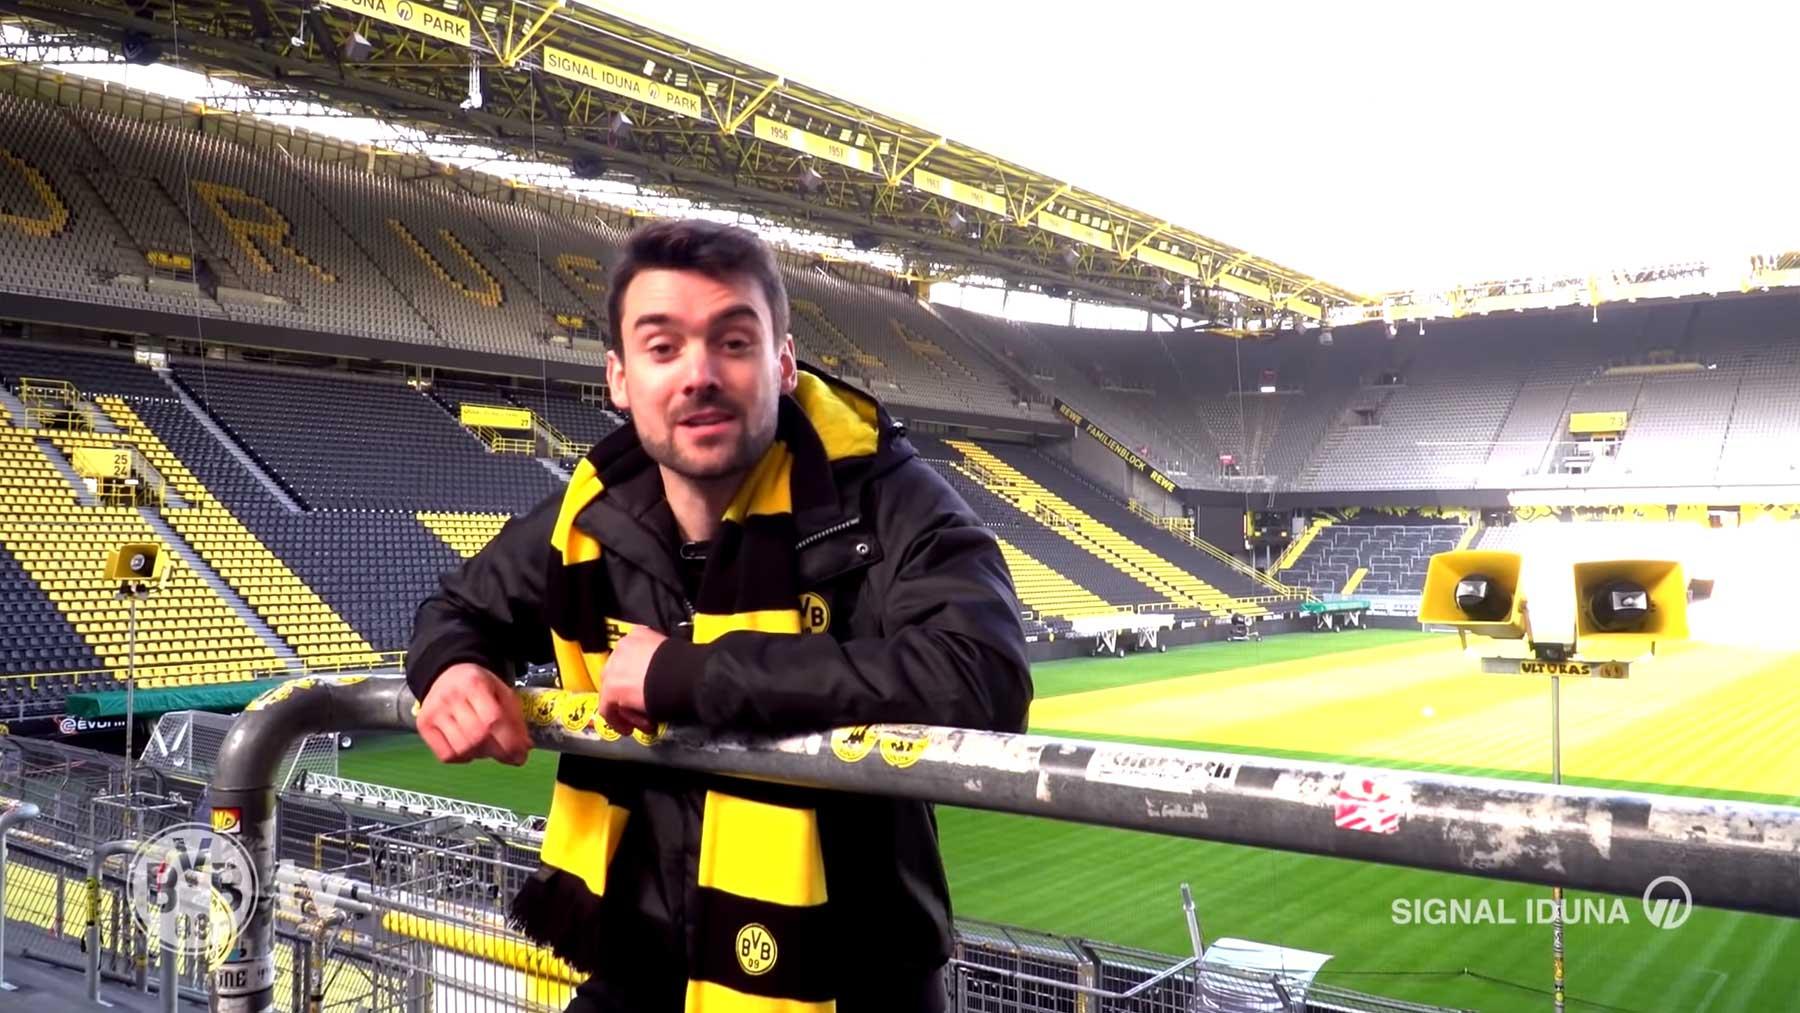 BVB: Virtuelle Tour durch das Westfalenstadion digitale-stadiontour-bvb